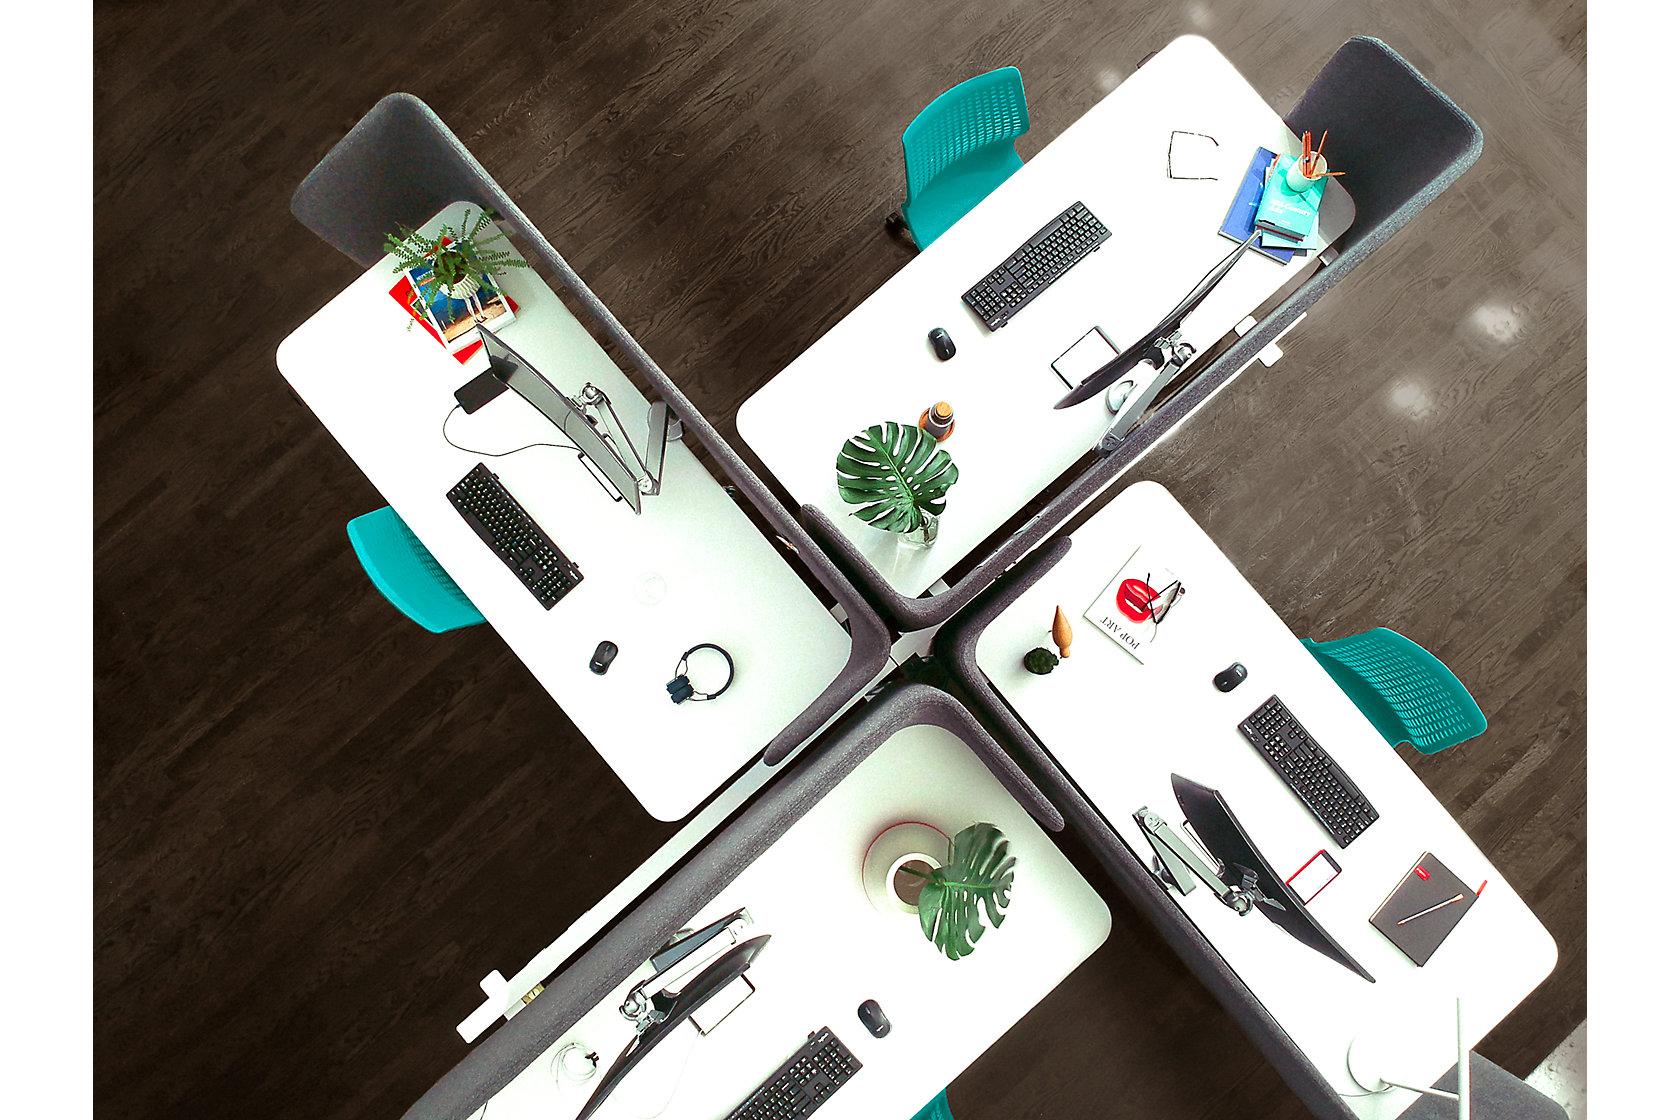 A8 Desks